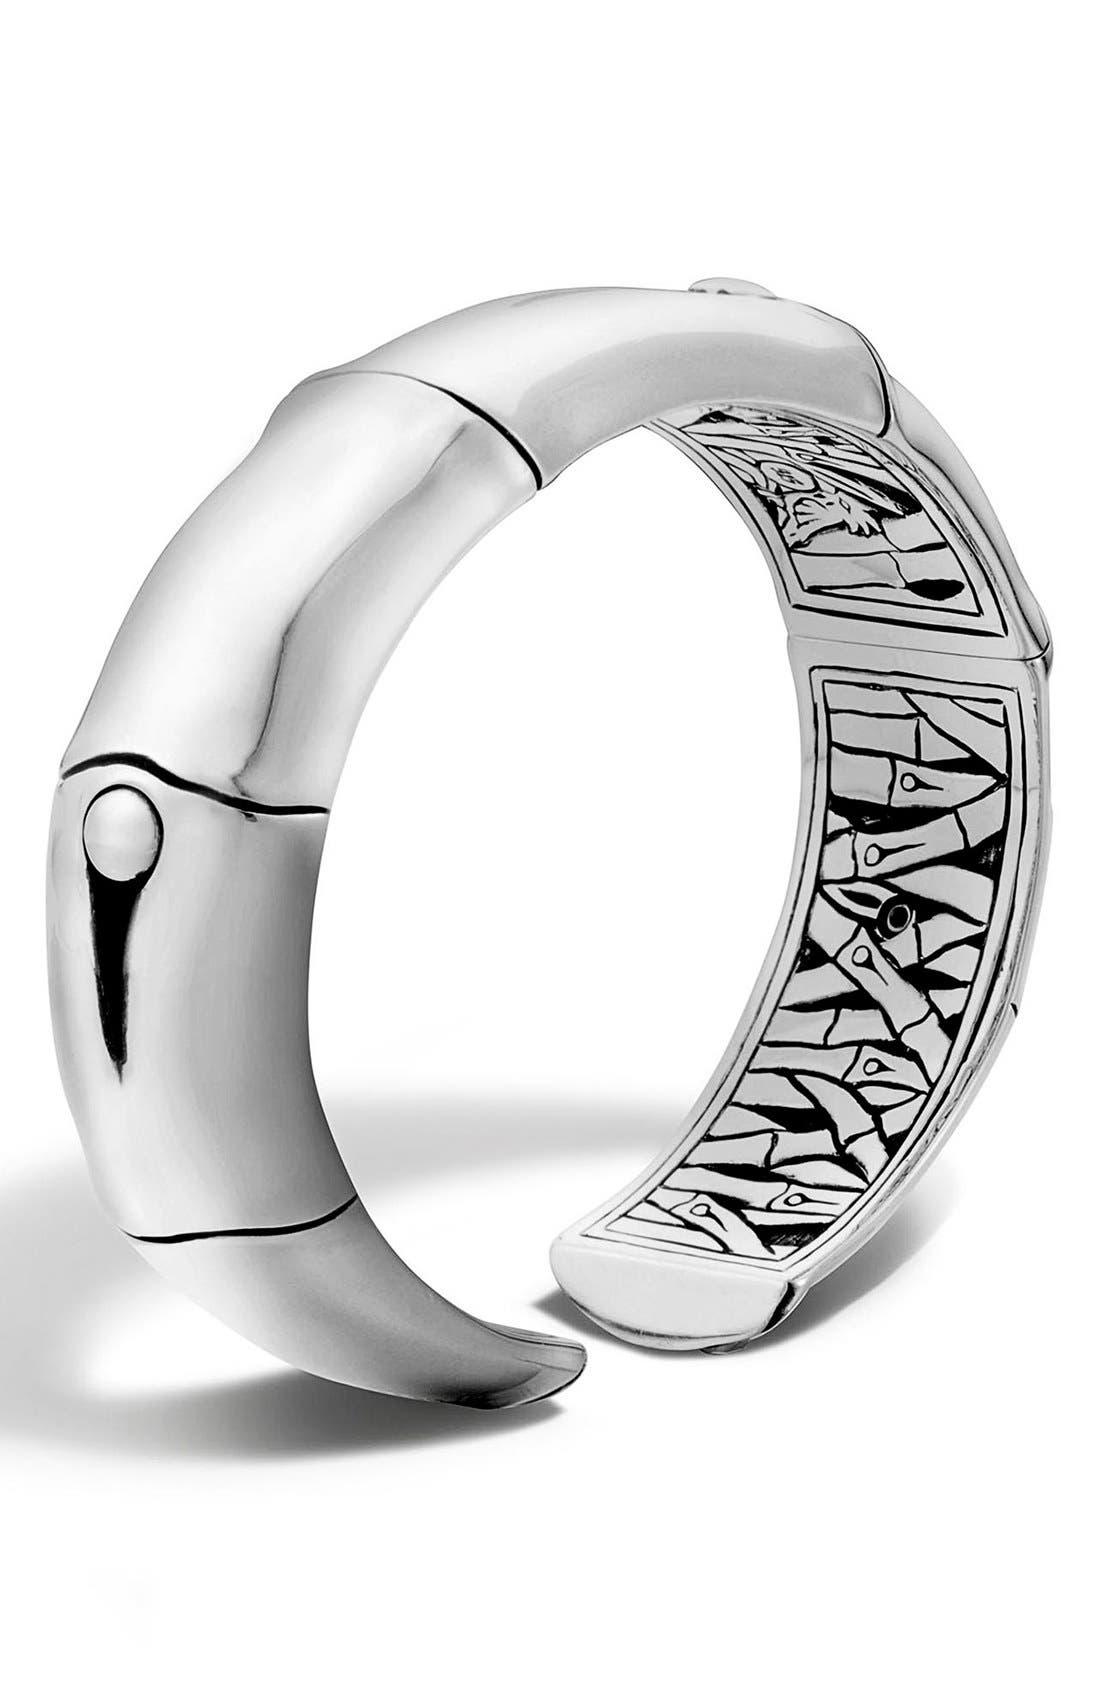 'Bamboo' Silver Wrist Cuff,                         Main,                         color, SILVER